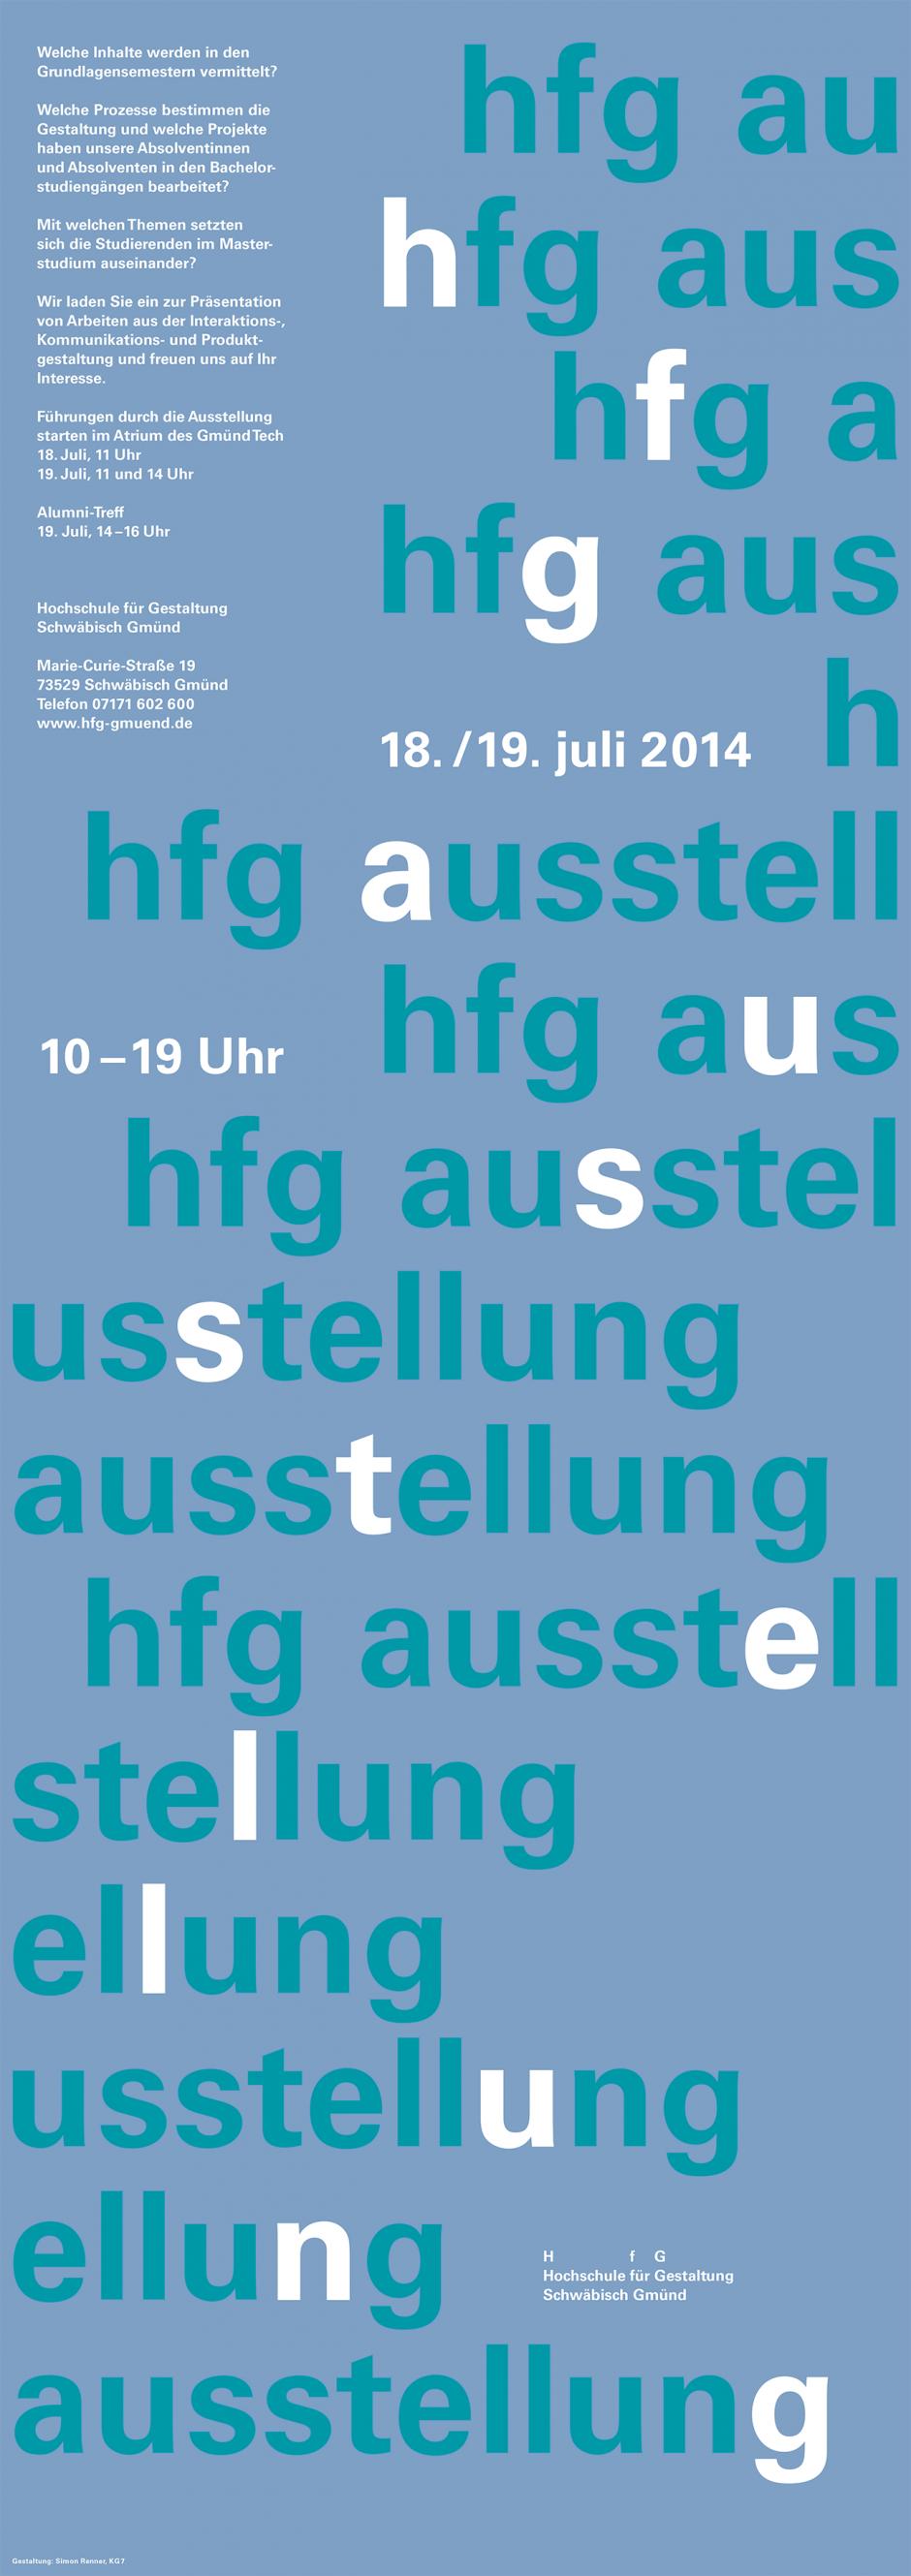 Sommersemester 2014, Hochschule für Gestaltung Schwäbisch Gmünd, 297 × 840 mm